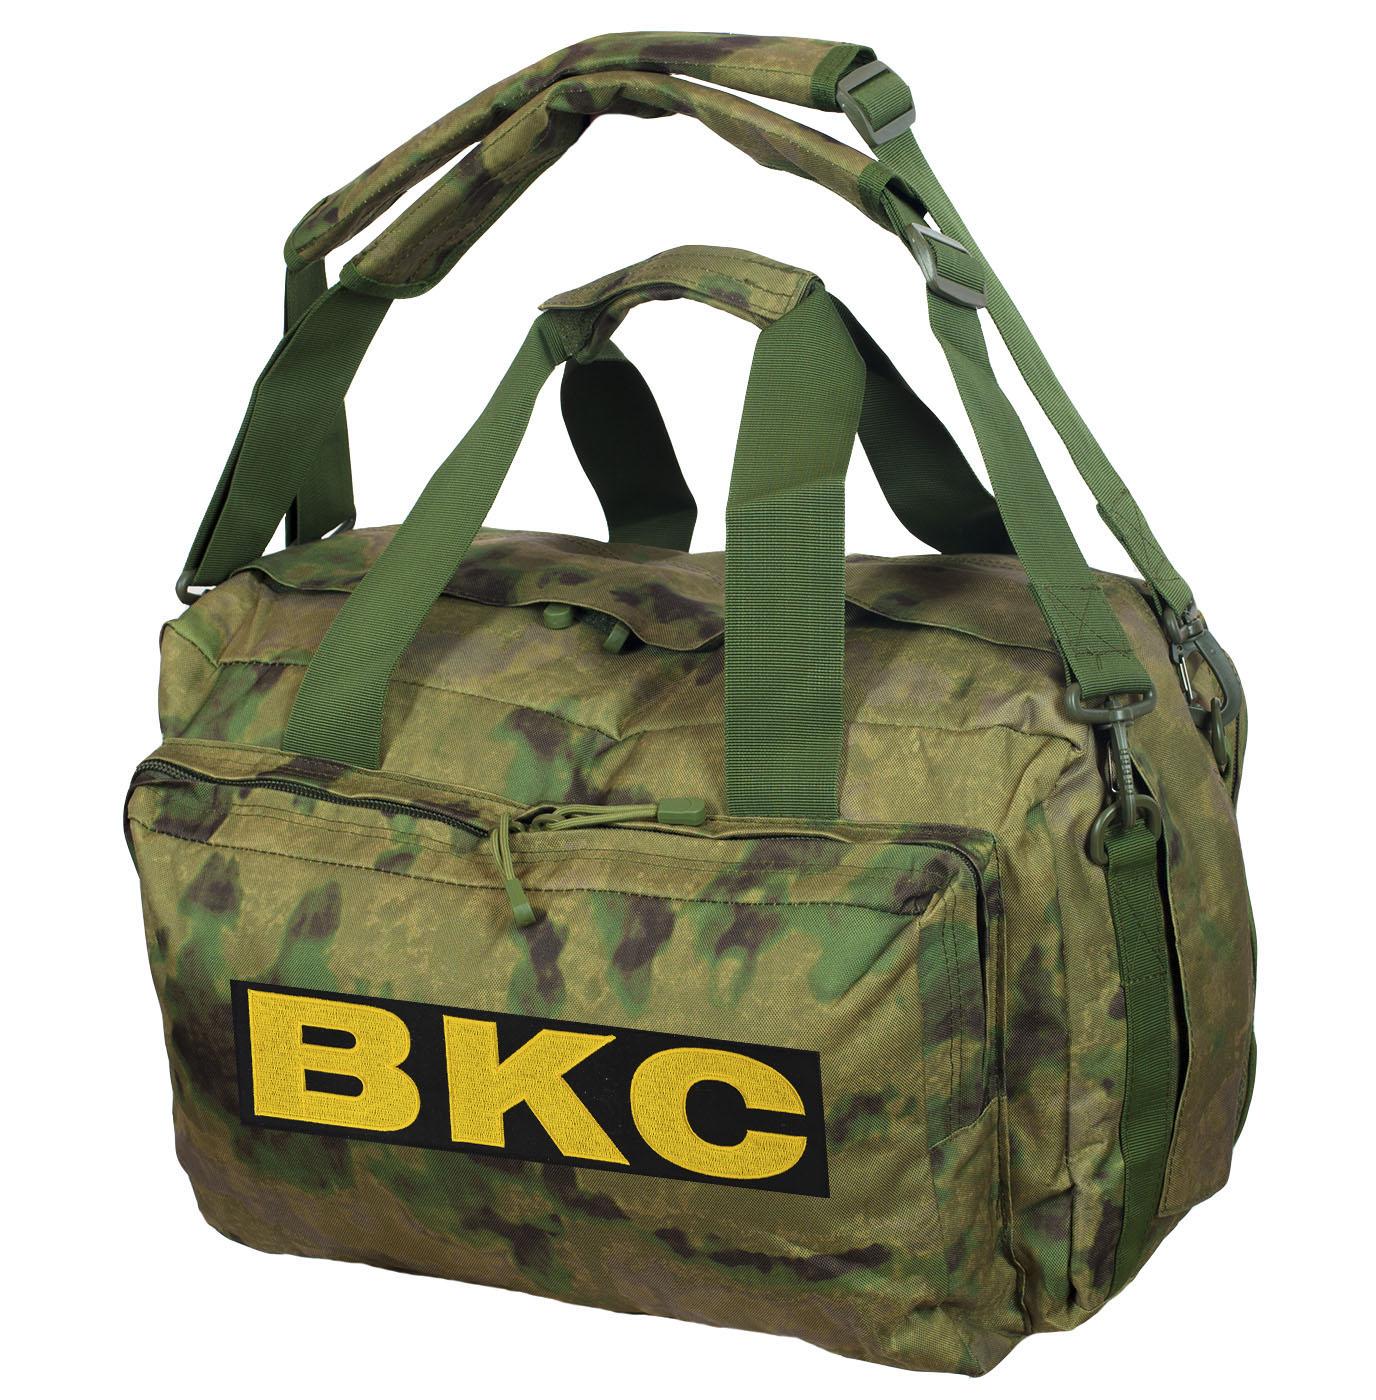 Камуфляжная заплечная сумка с нашивкой ВКС